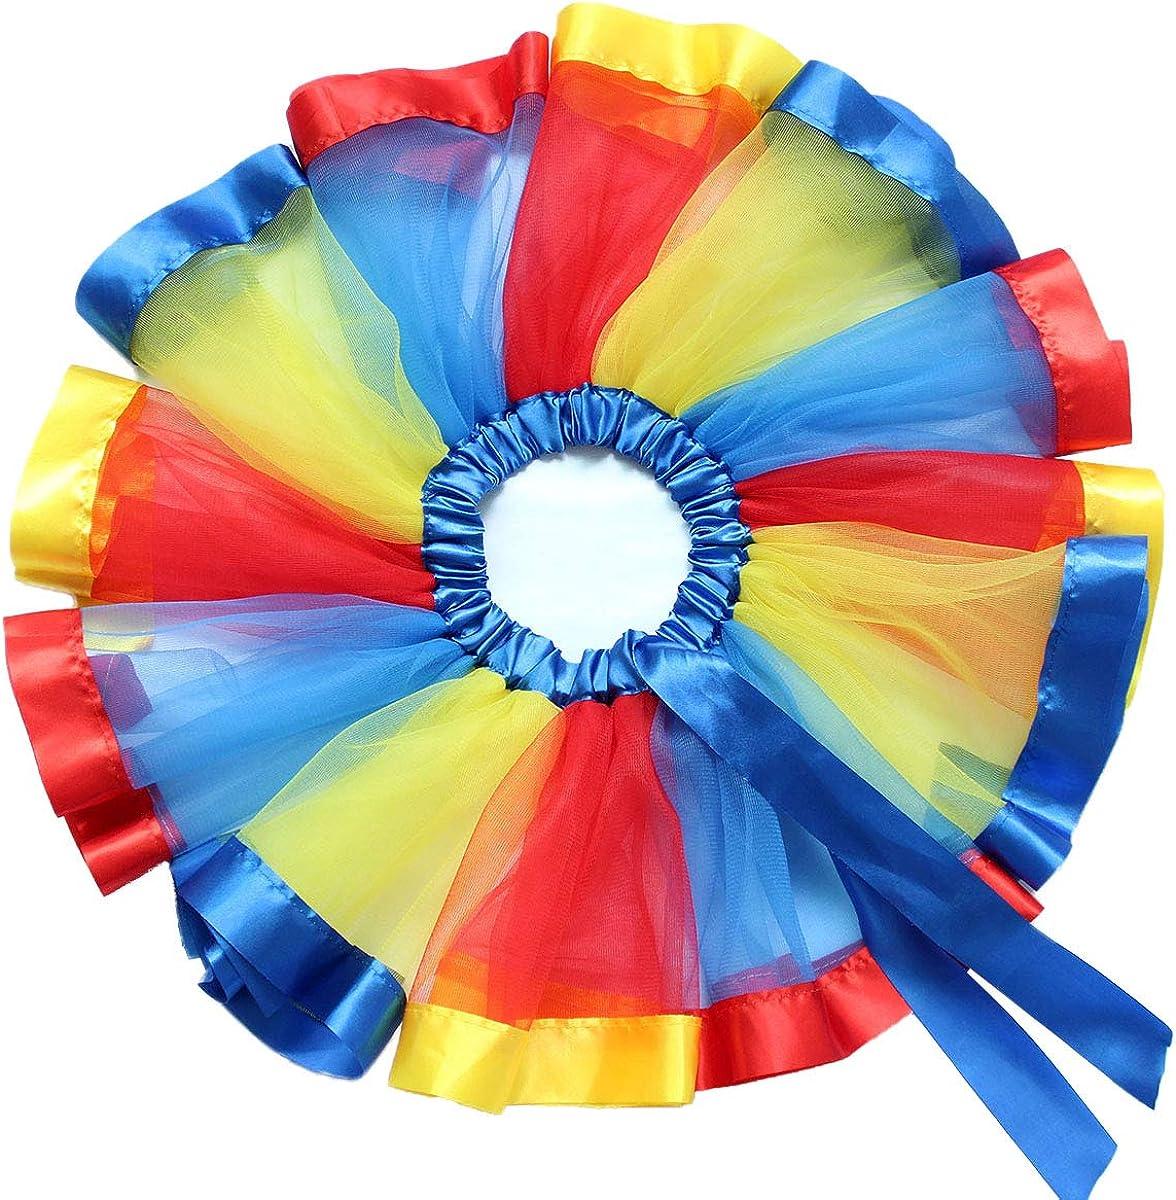 Fascia Compleanno 3 Pezzi Abiti Ragazza Carnevale Costumi Fiore Principessa Estate Vestiti Set 2-5 Anni IMEKIS Bambina Unicorno Vestito Manica Corta Stampa T-Shirt Top Arcobaleno Tutu Gonna